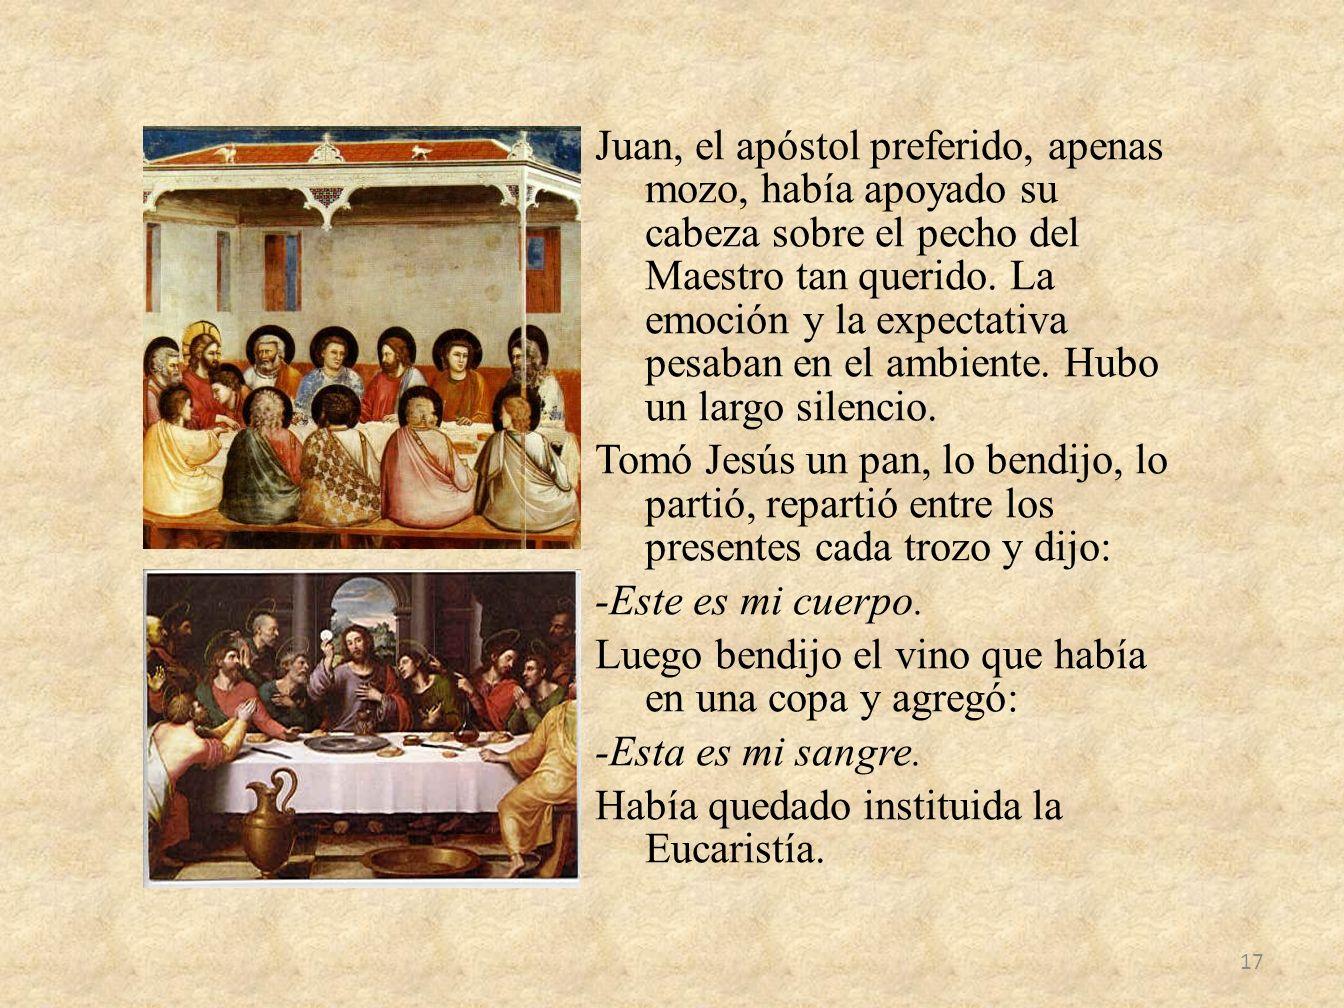 Juan, el apóstol preferido, apenas mozo, había apoyado su cabeza sobre el pecho del Maestro tan querido. La emoción y la expectativa pesaban en el amb